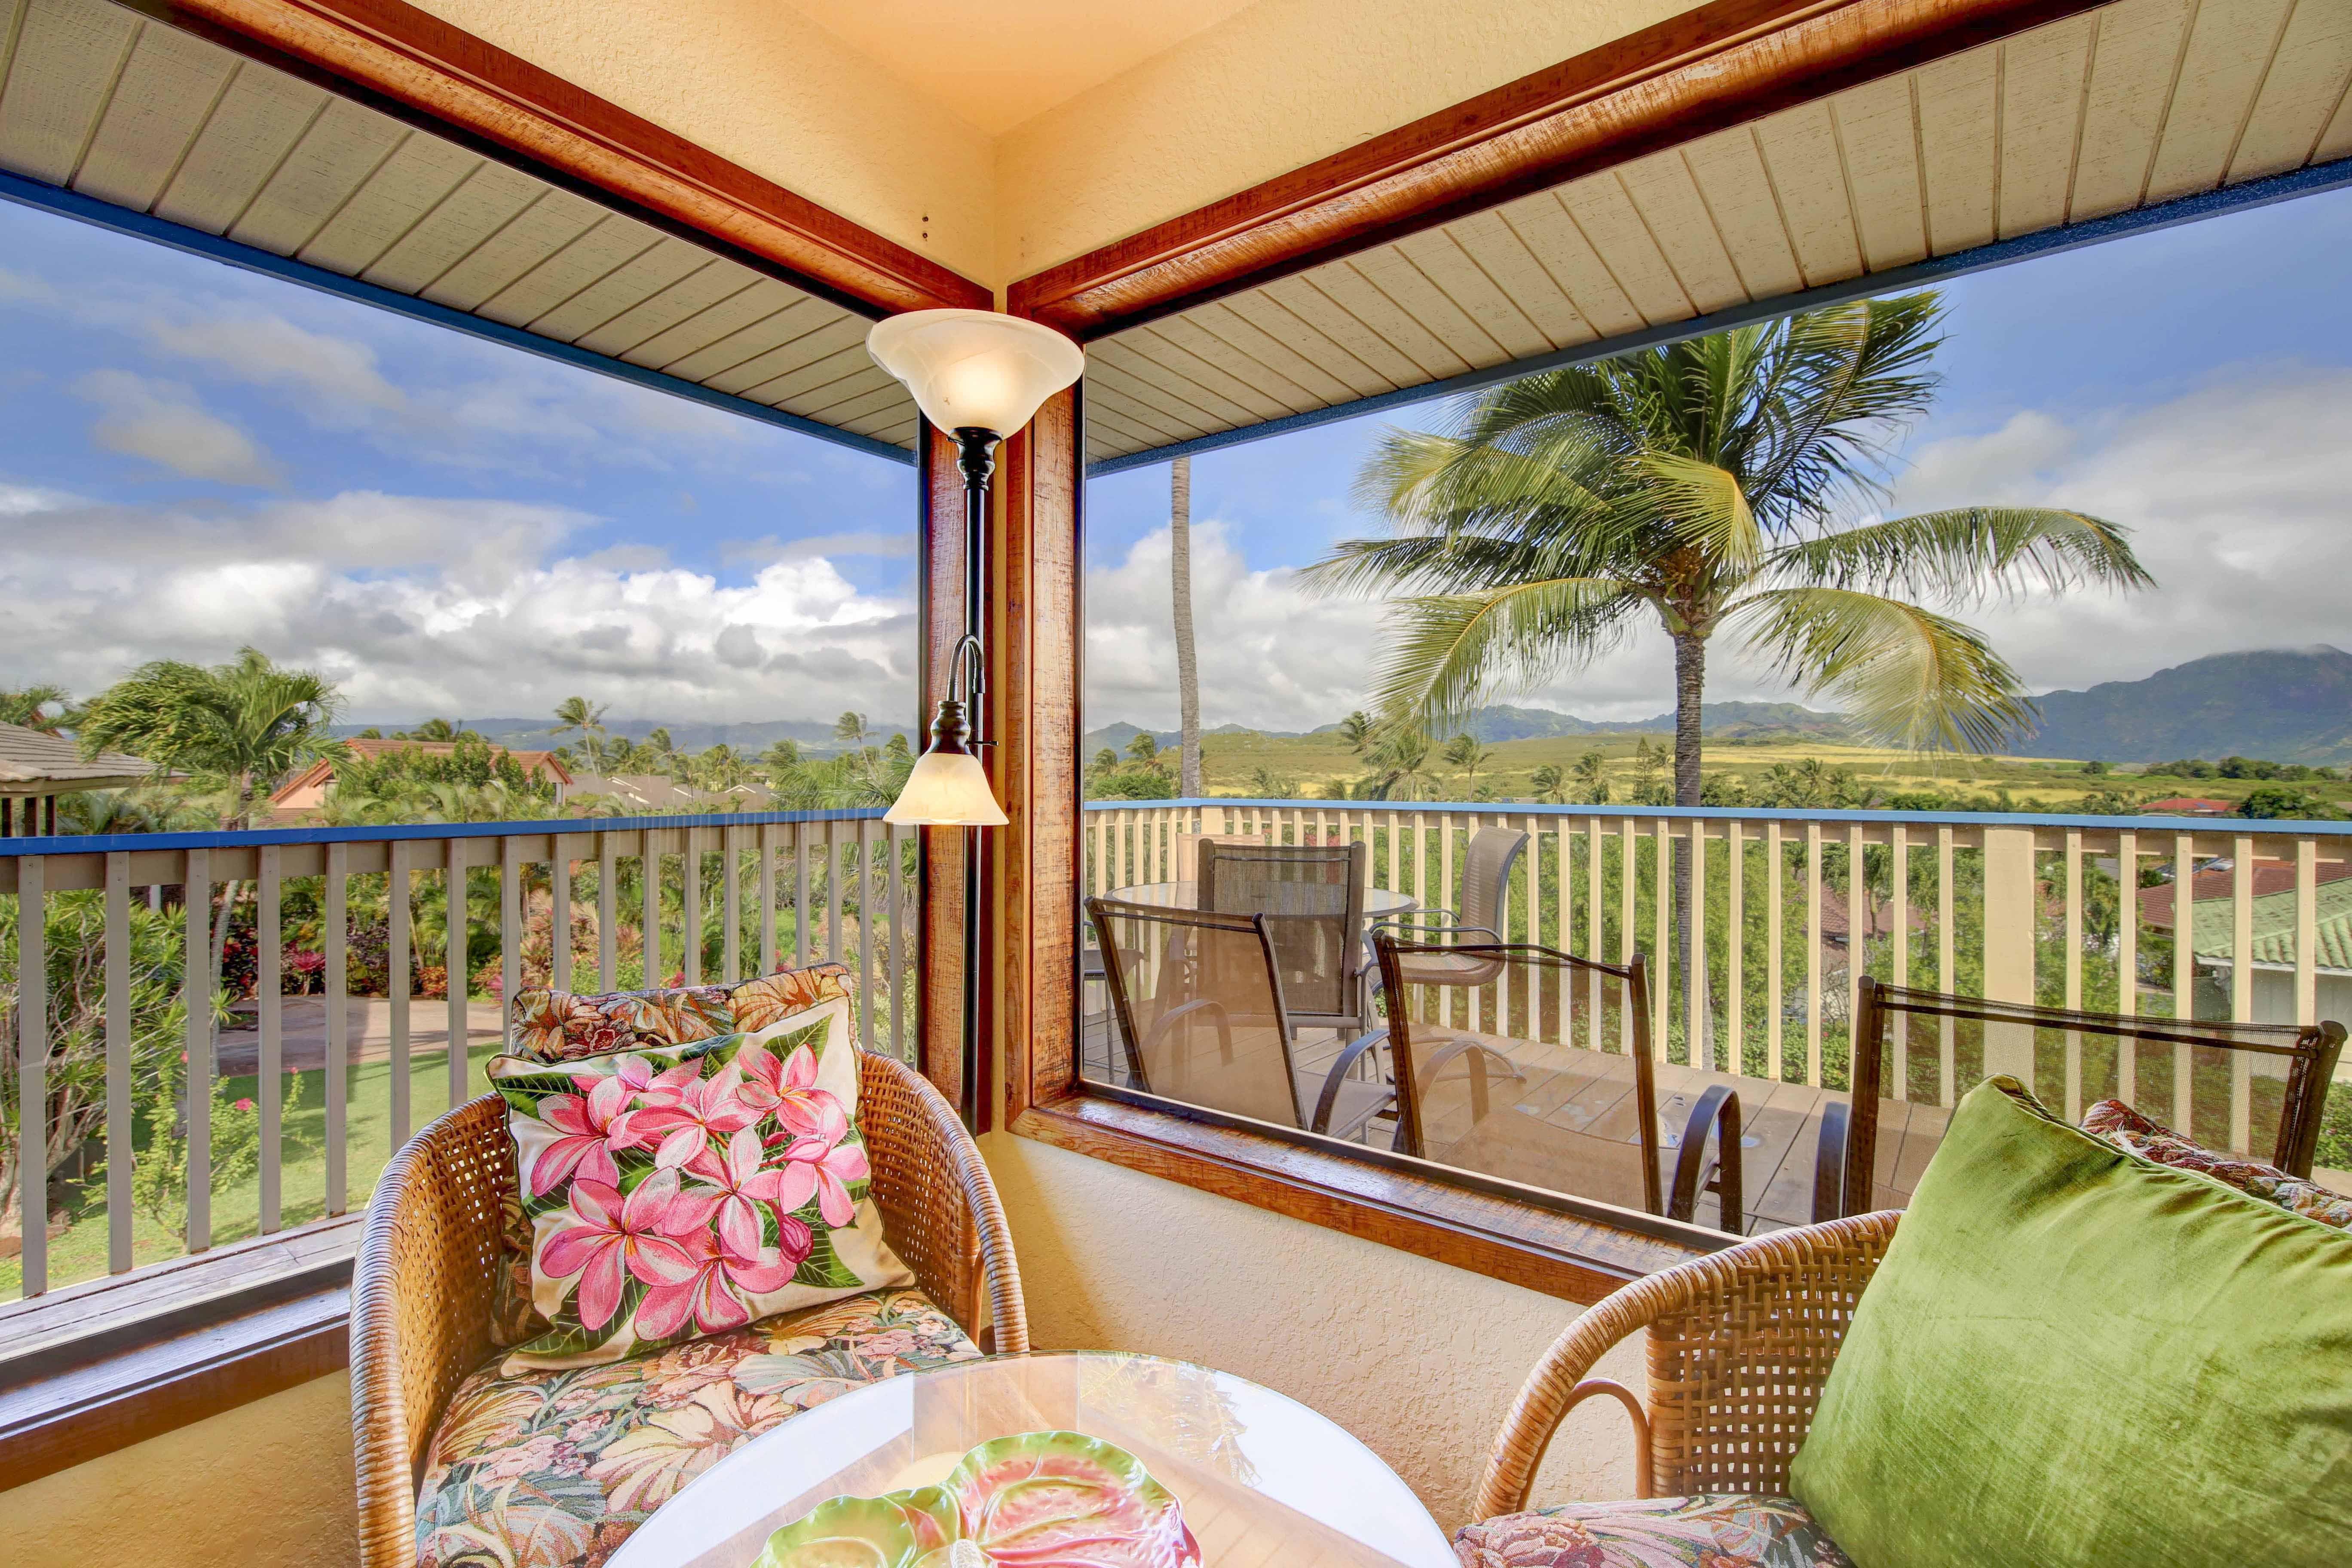 Ocean Views From Living Room Vacation Rental Home In Poipu Kauai Hawaii